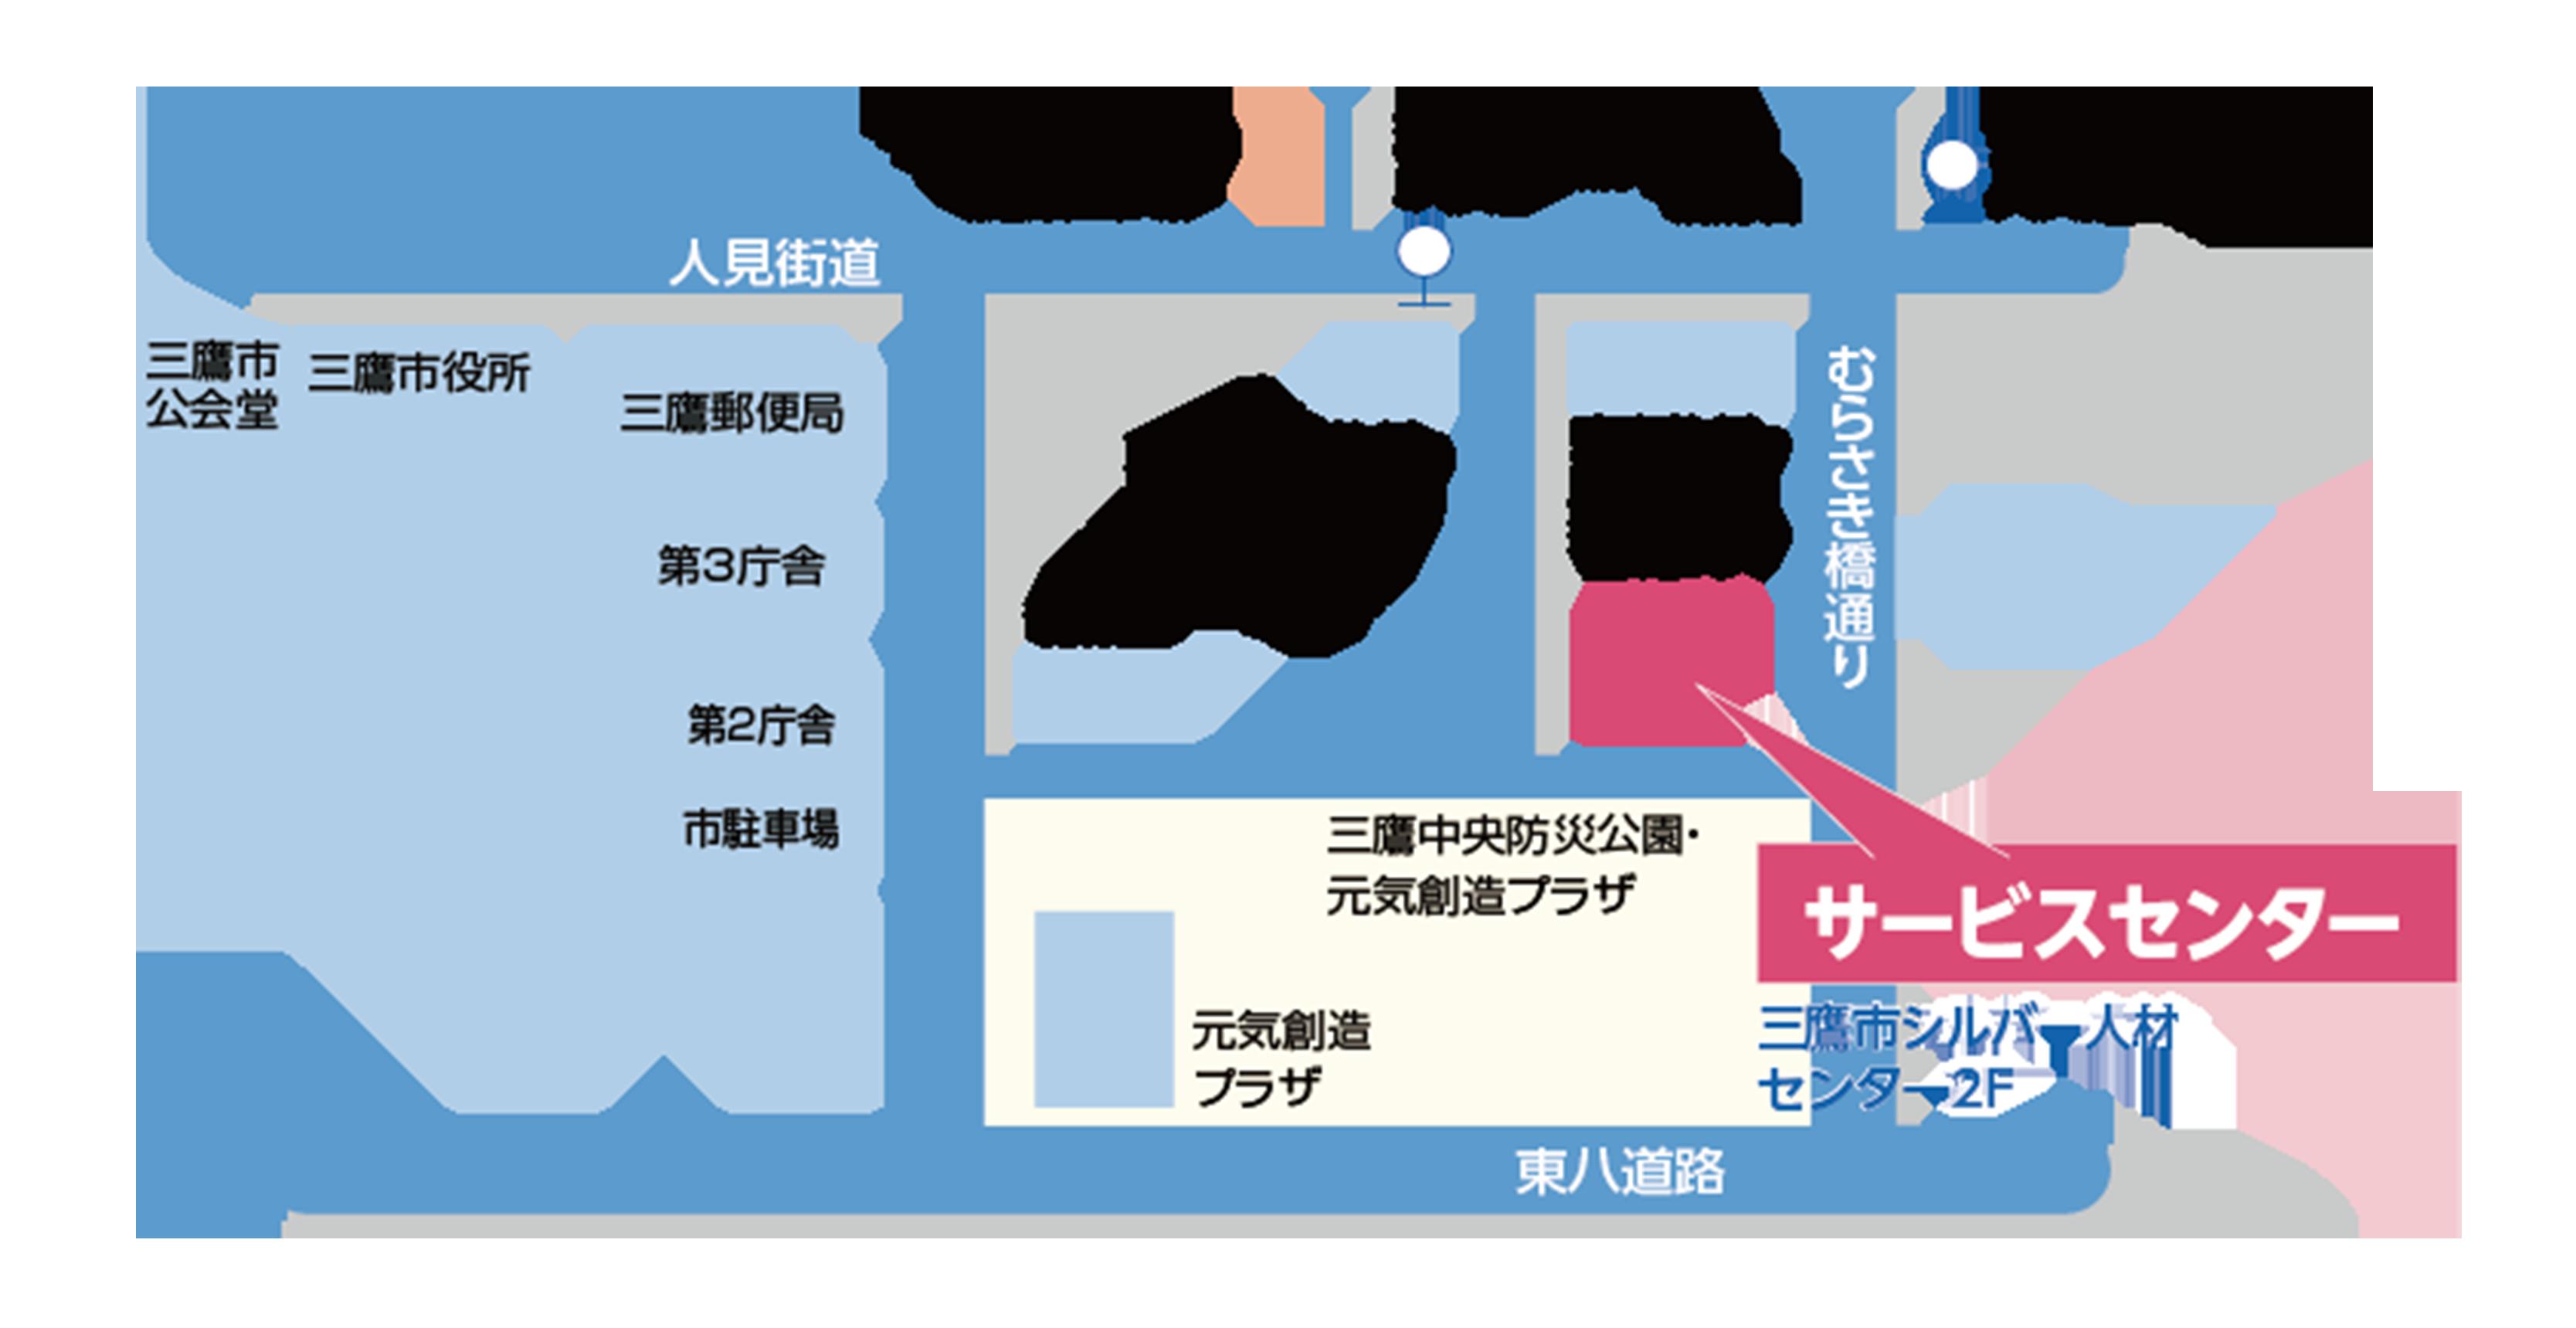 三鷹市勤労者福祉サービスセンターまでの地図